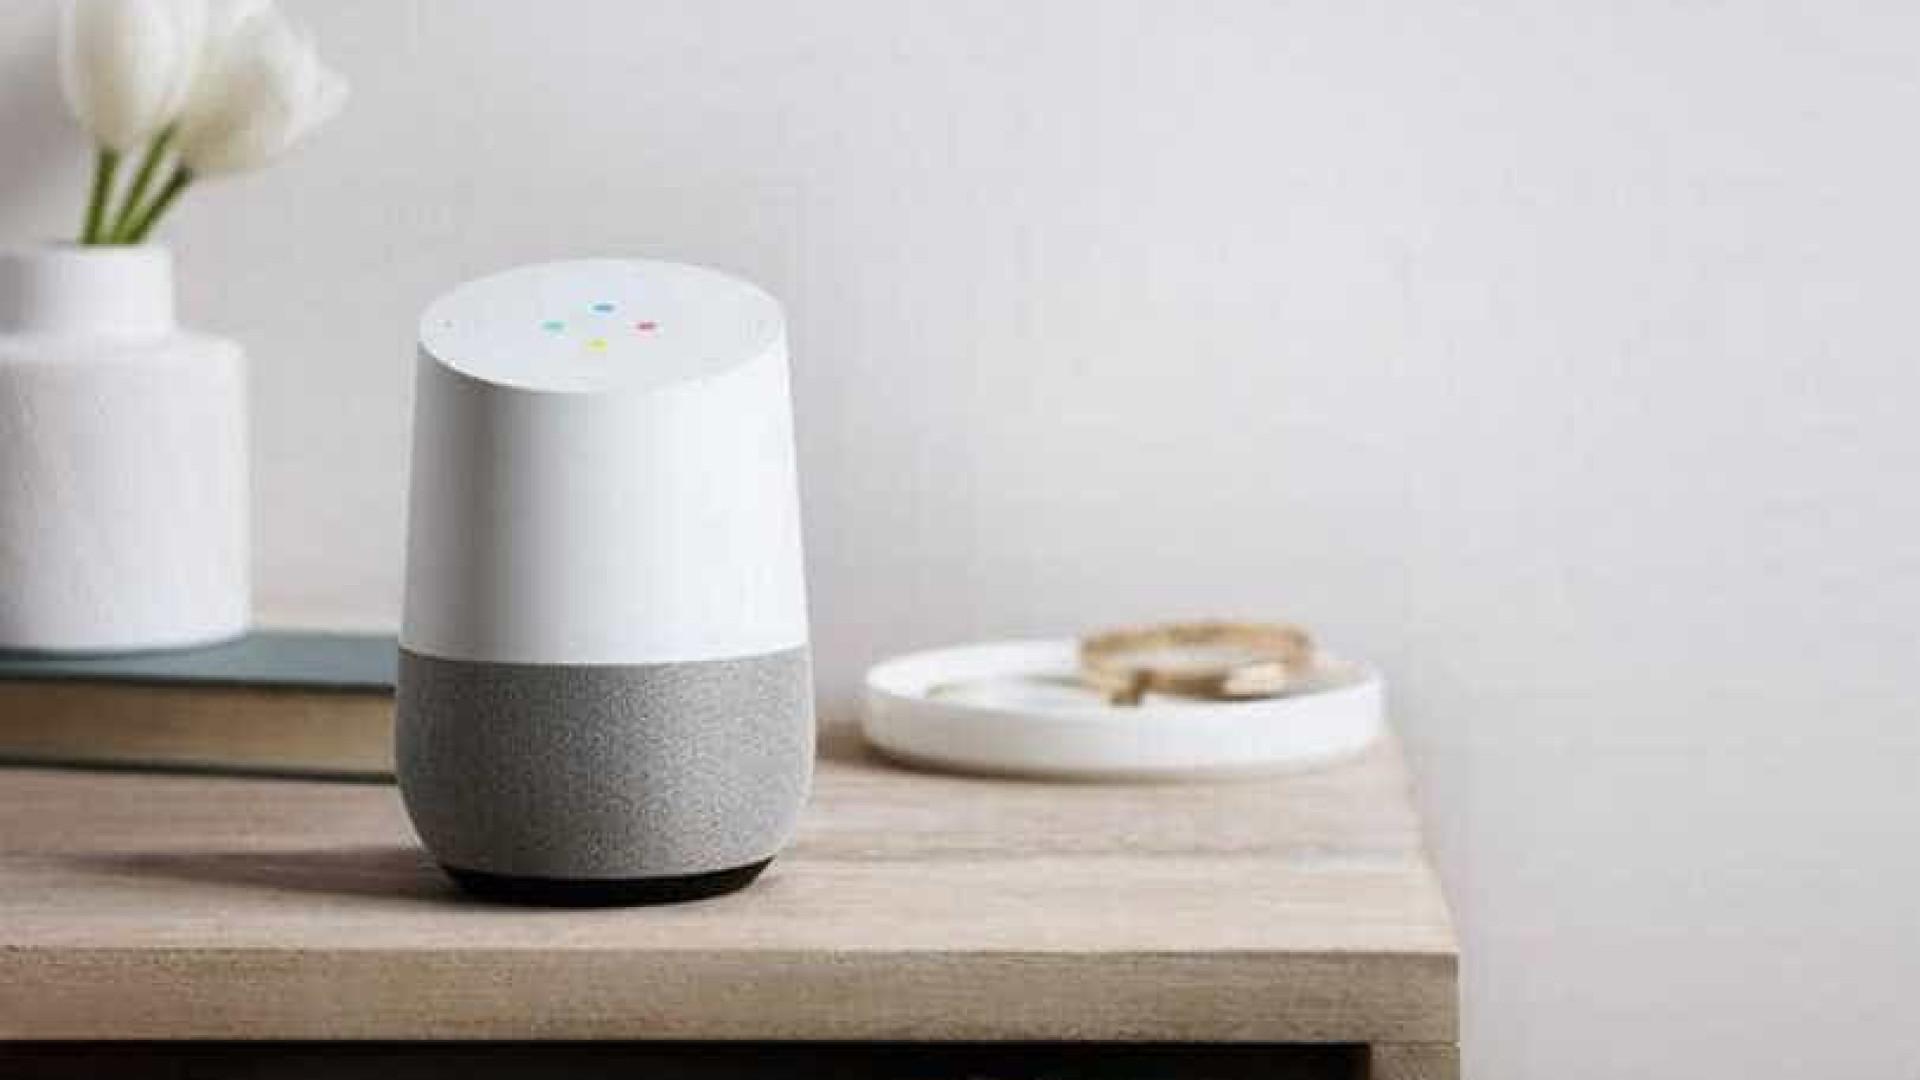 Google prestes a anunciar nova versão com ecrã da sua coluna caseira